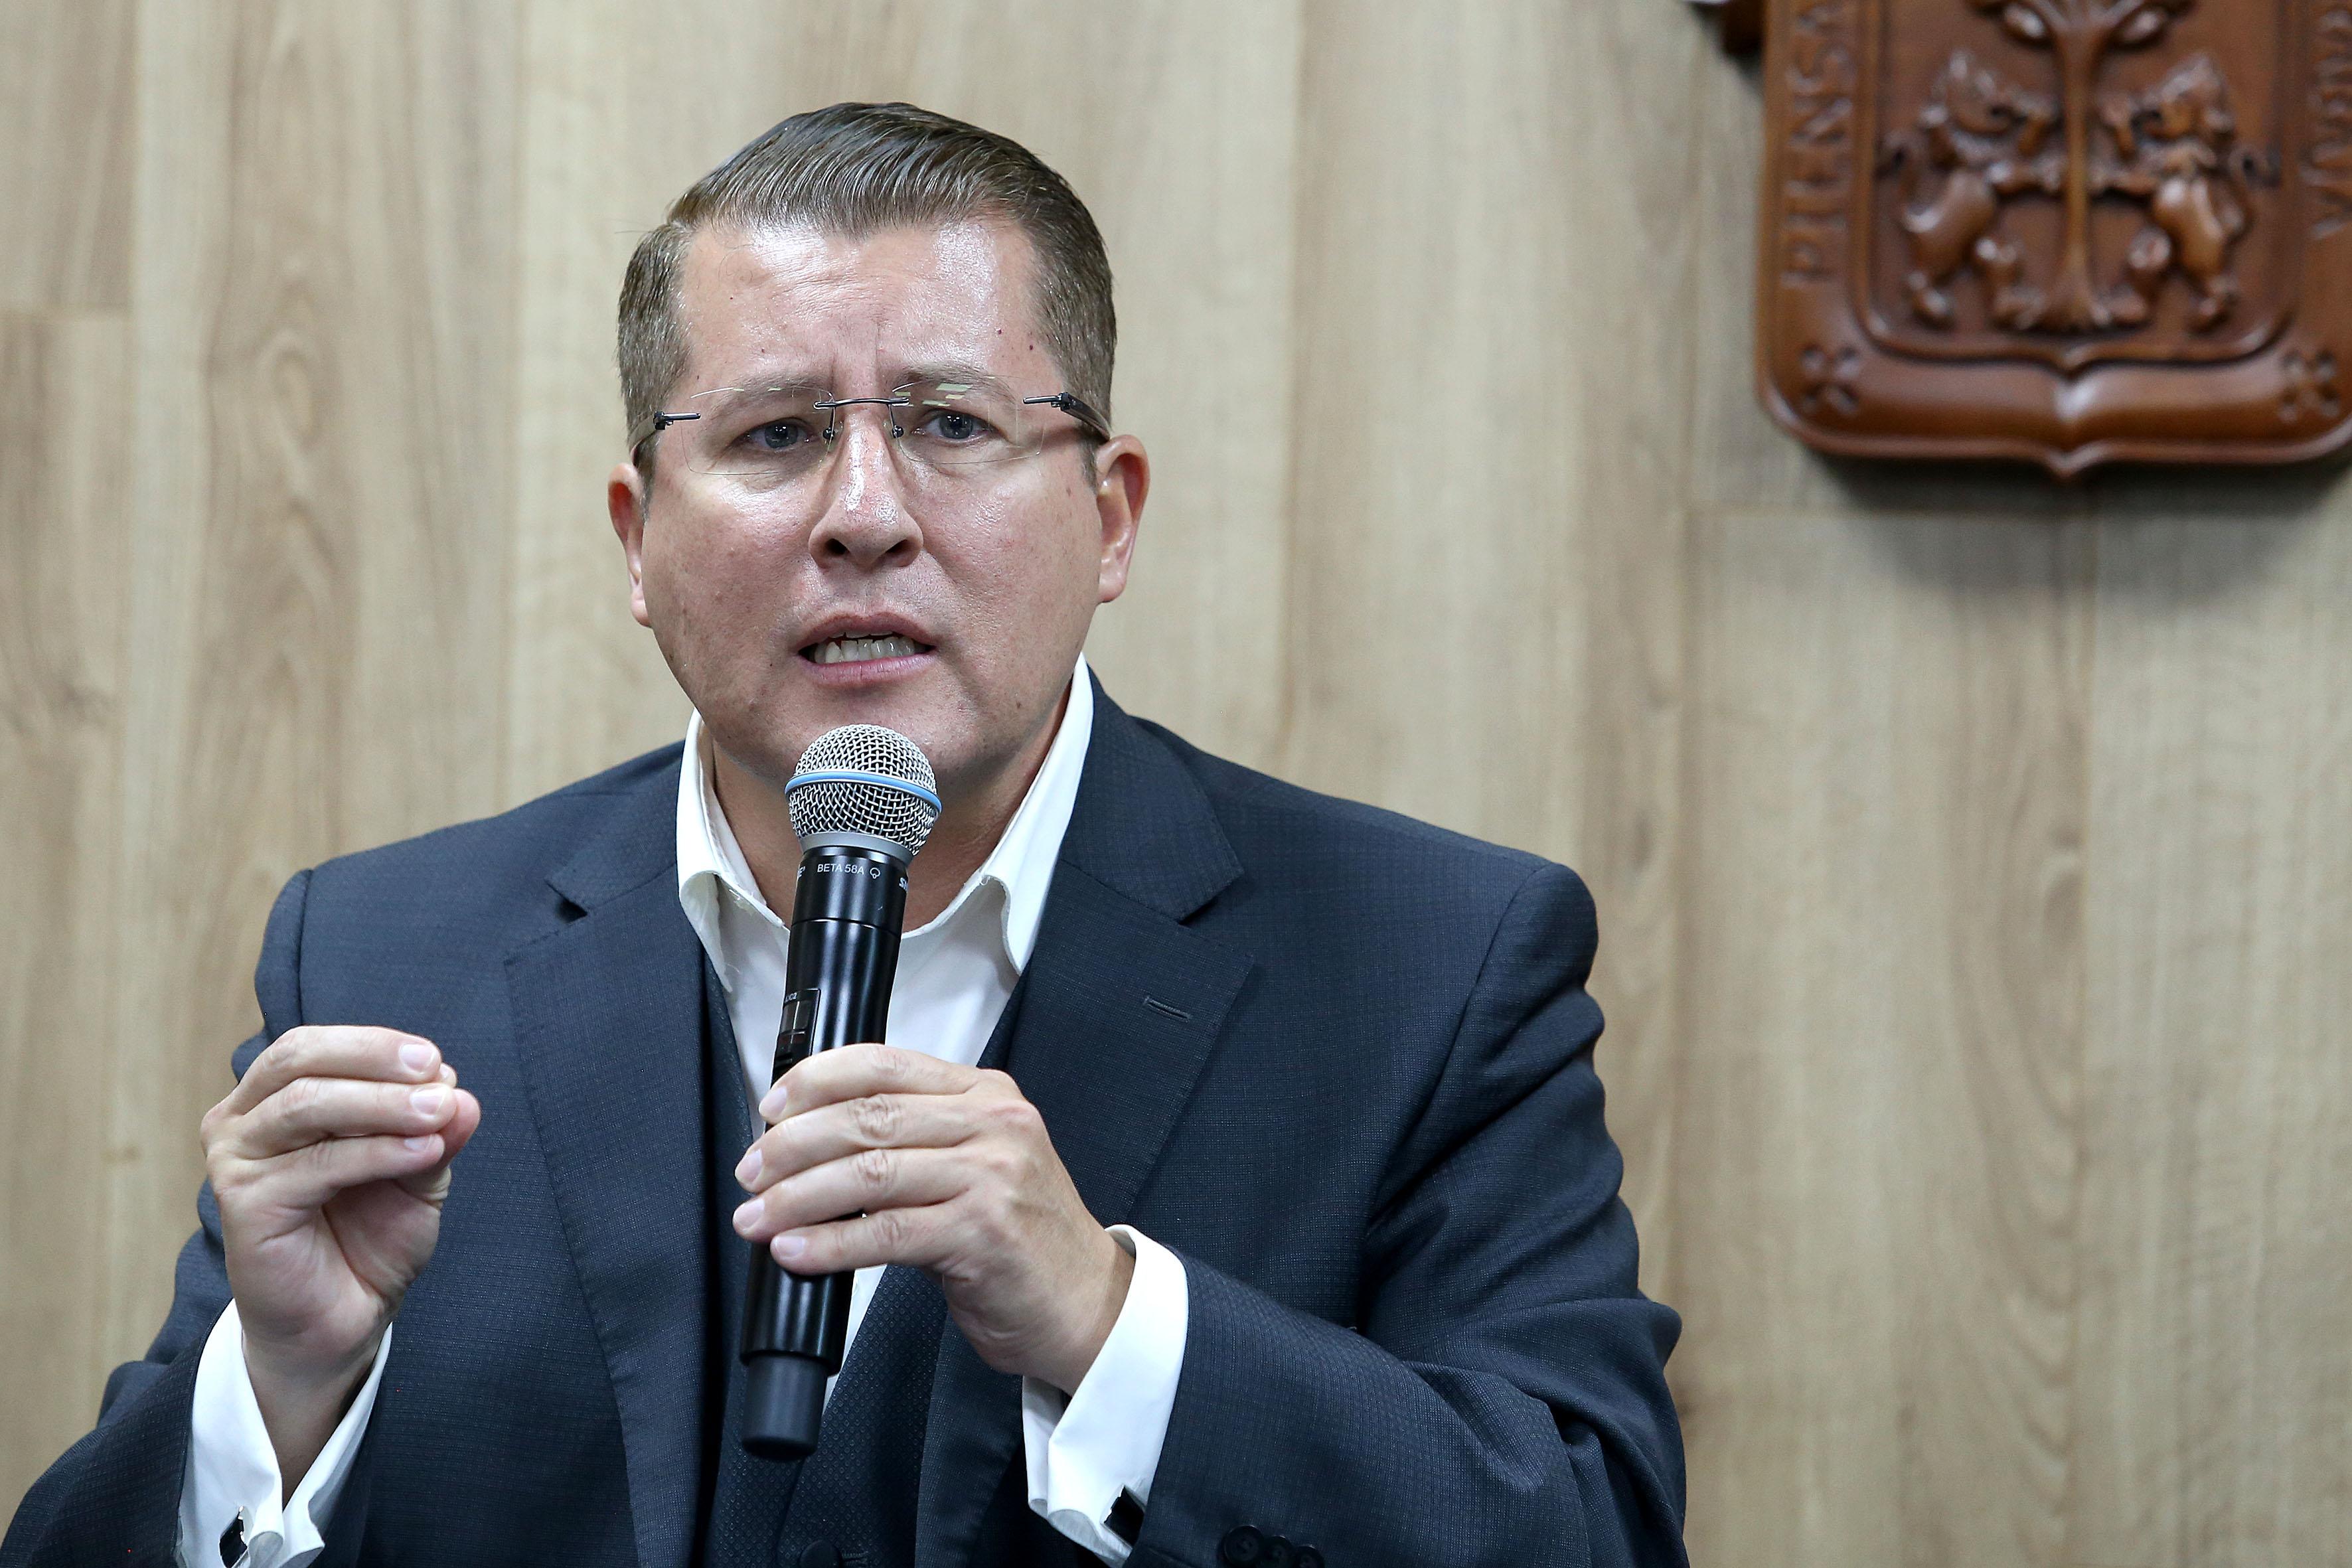 Dr. Dante Haro al micrófono en Rueda de Prensa, foto individual